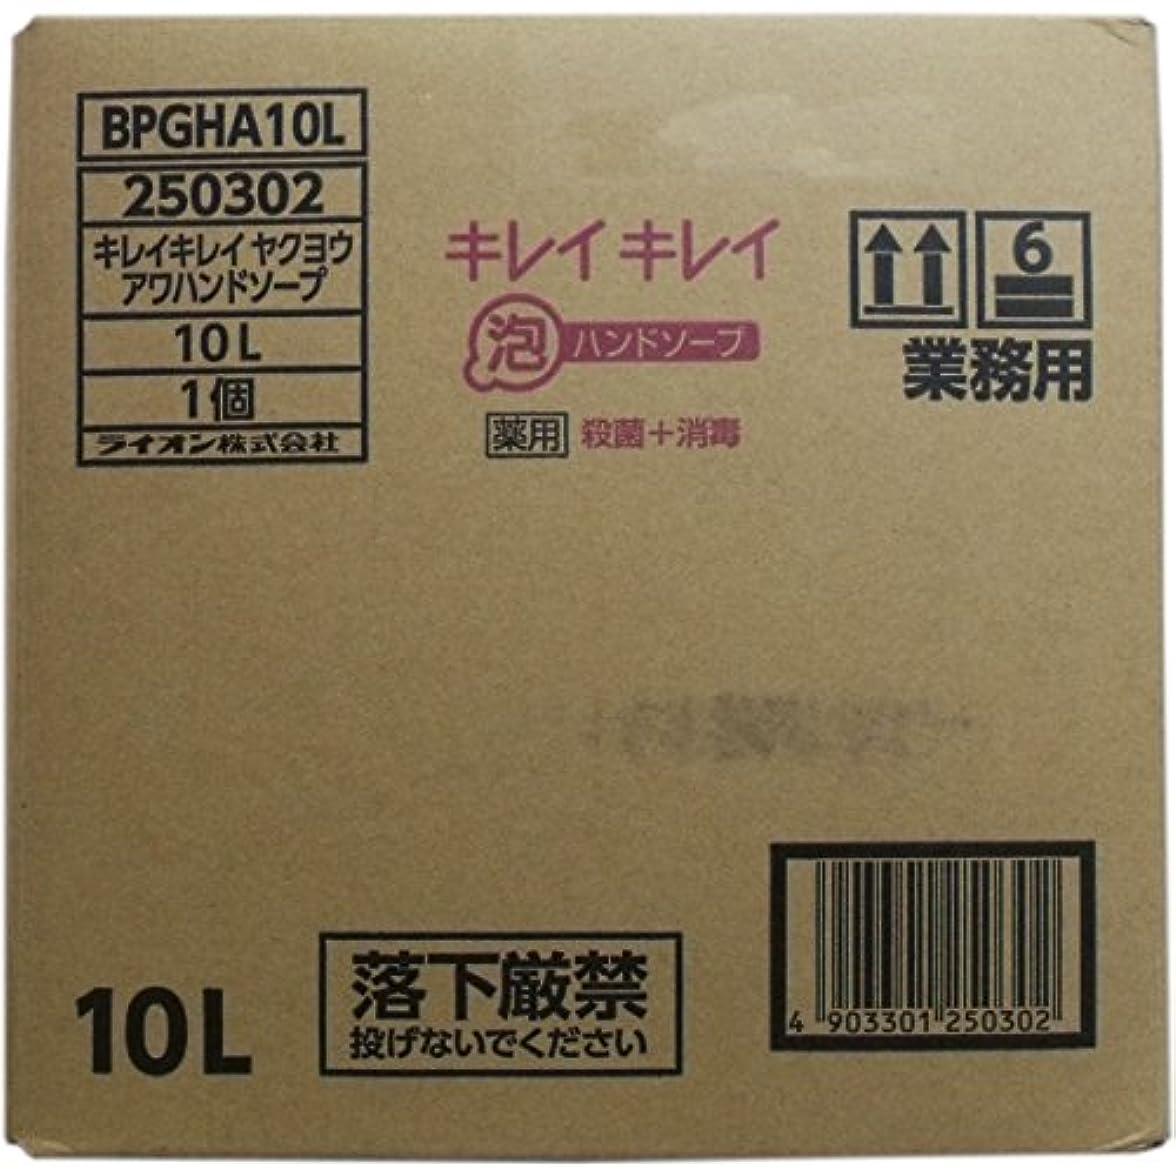 特殊使い込む裁量業務用キレイキレイ 薬用泡ハンドソープ 10L×10個セット